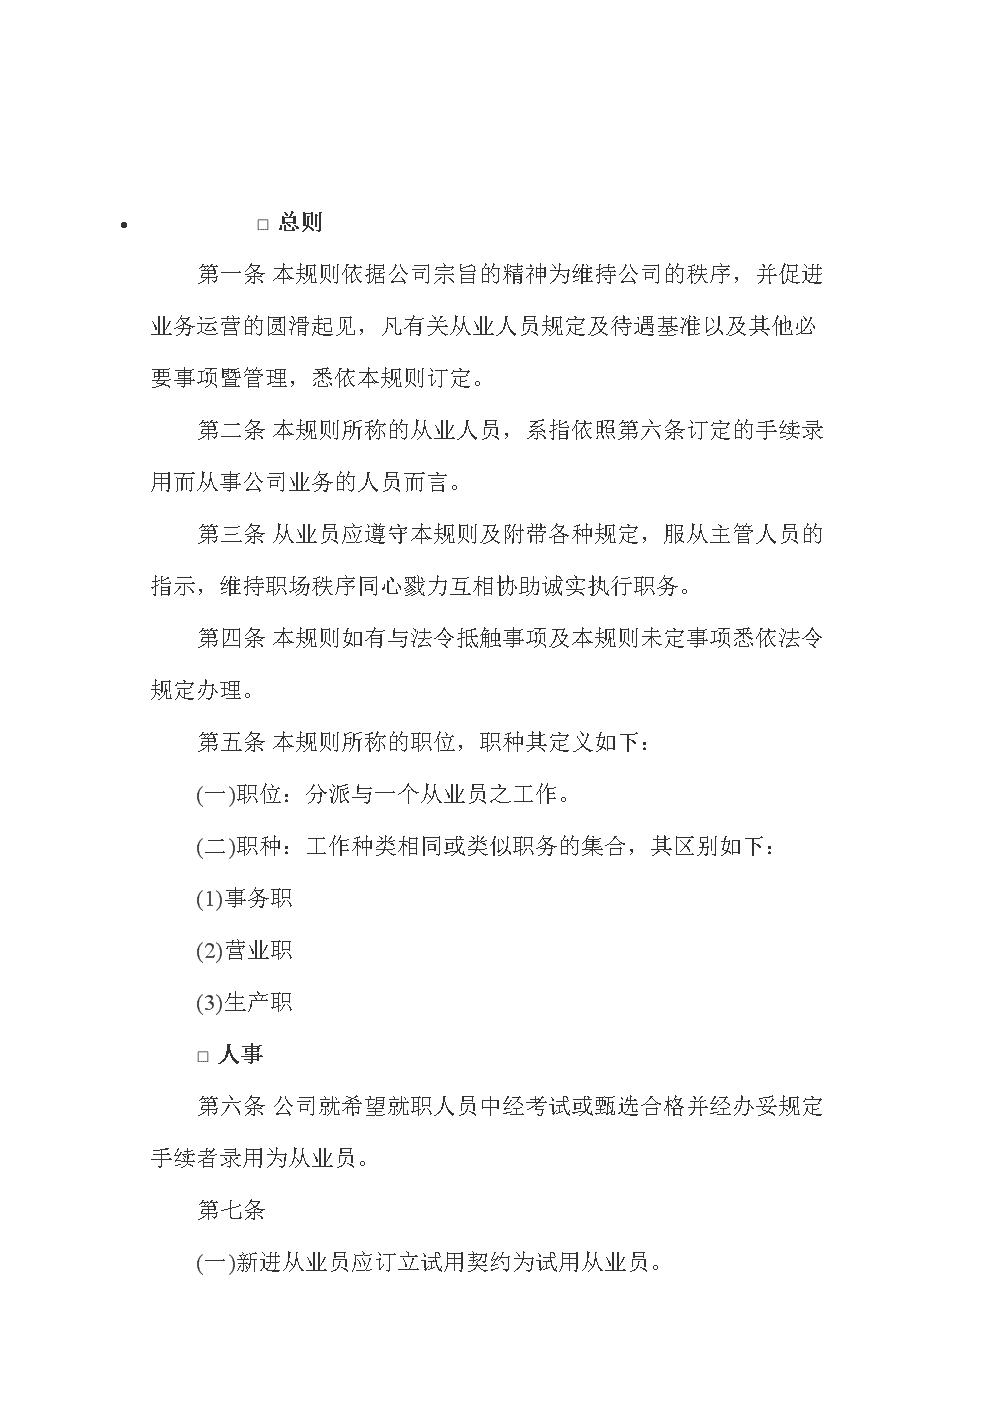 酒店业AA股份有限公司人事管理规章汇编.docx